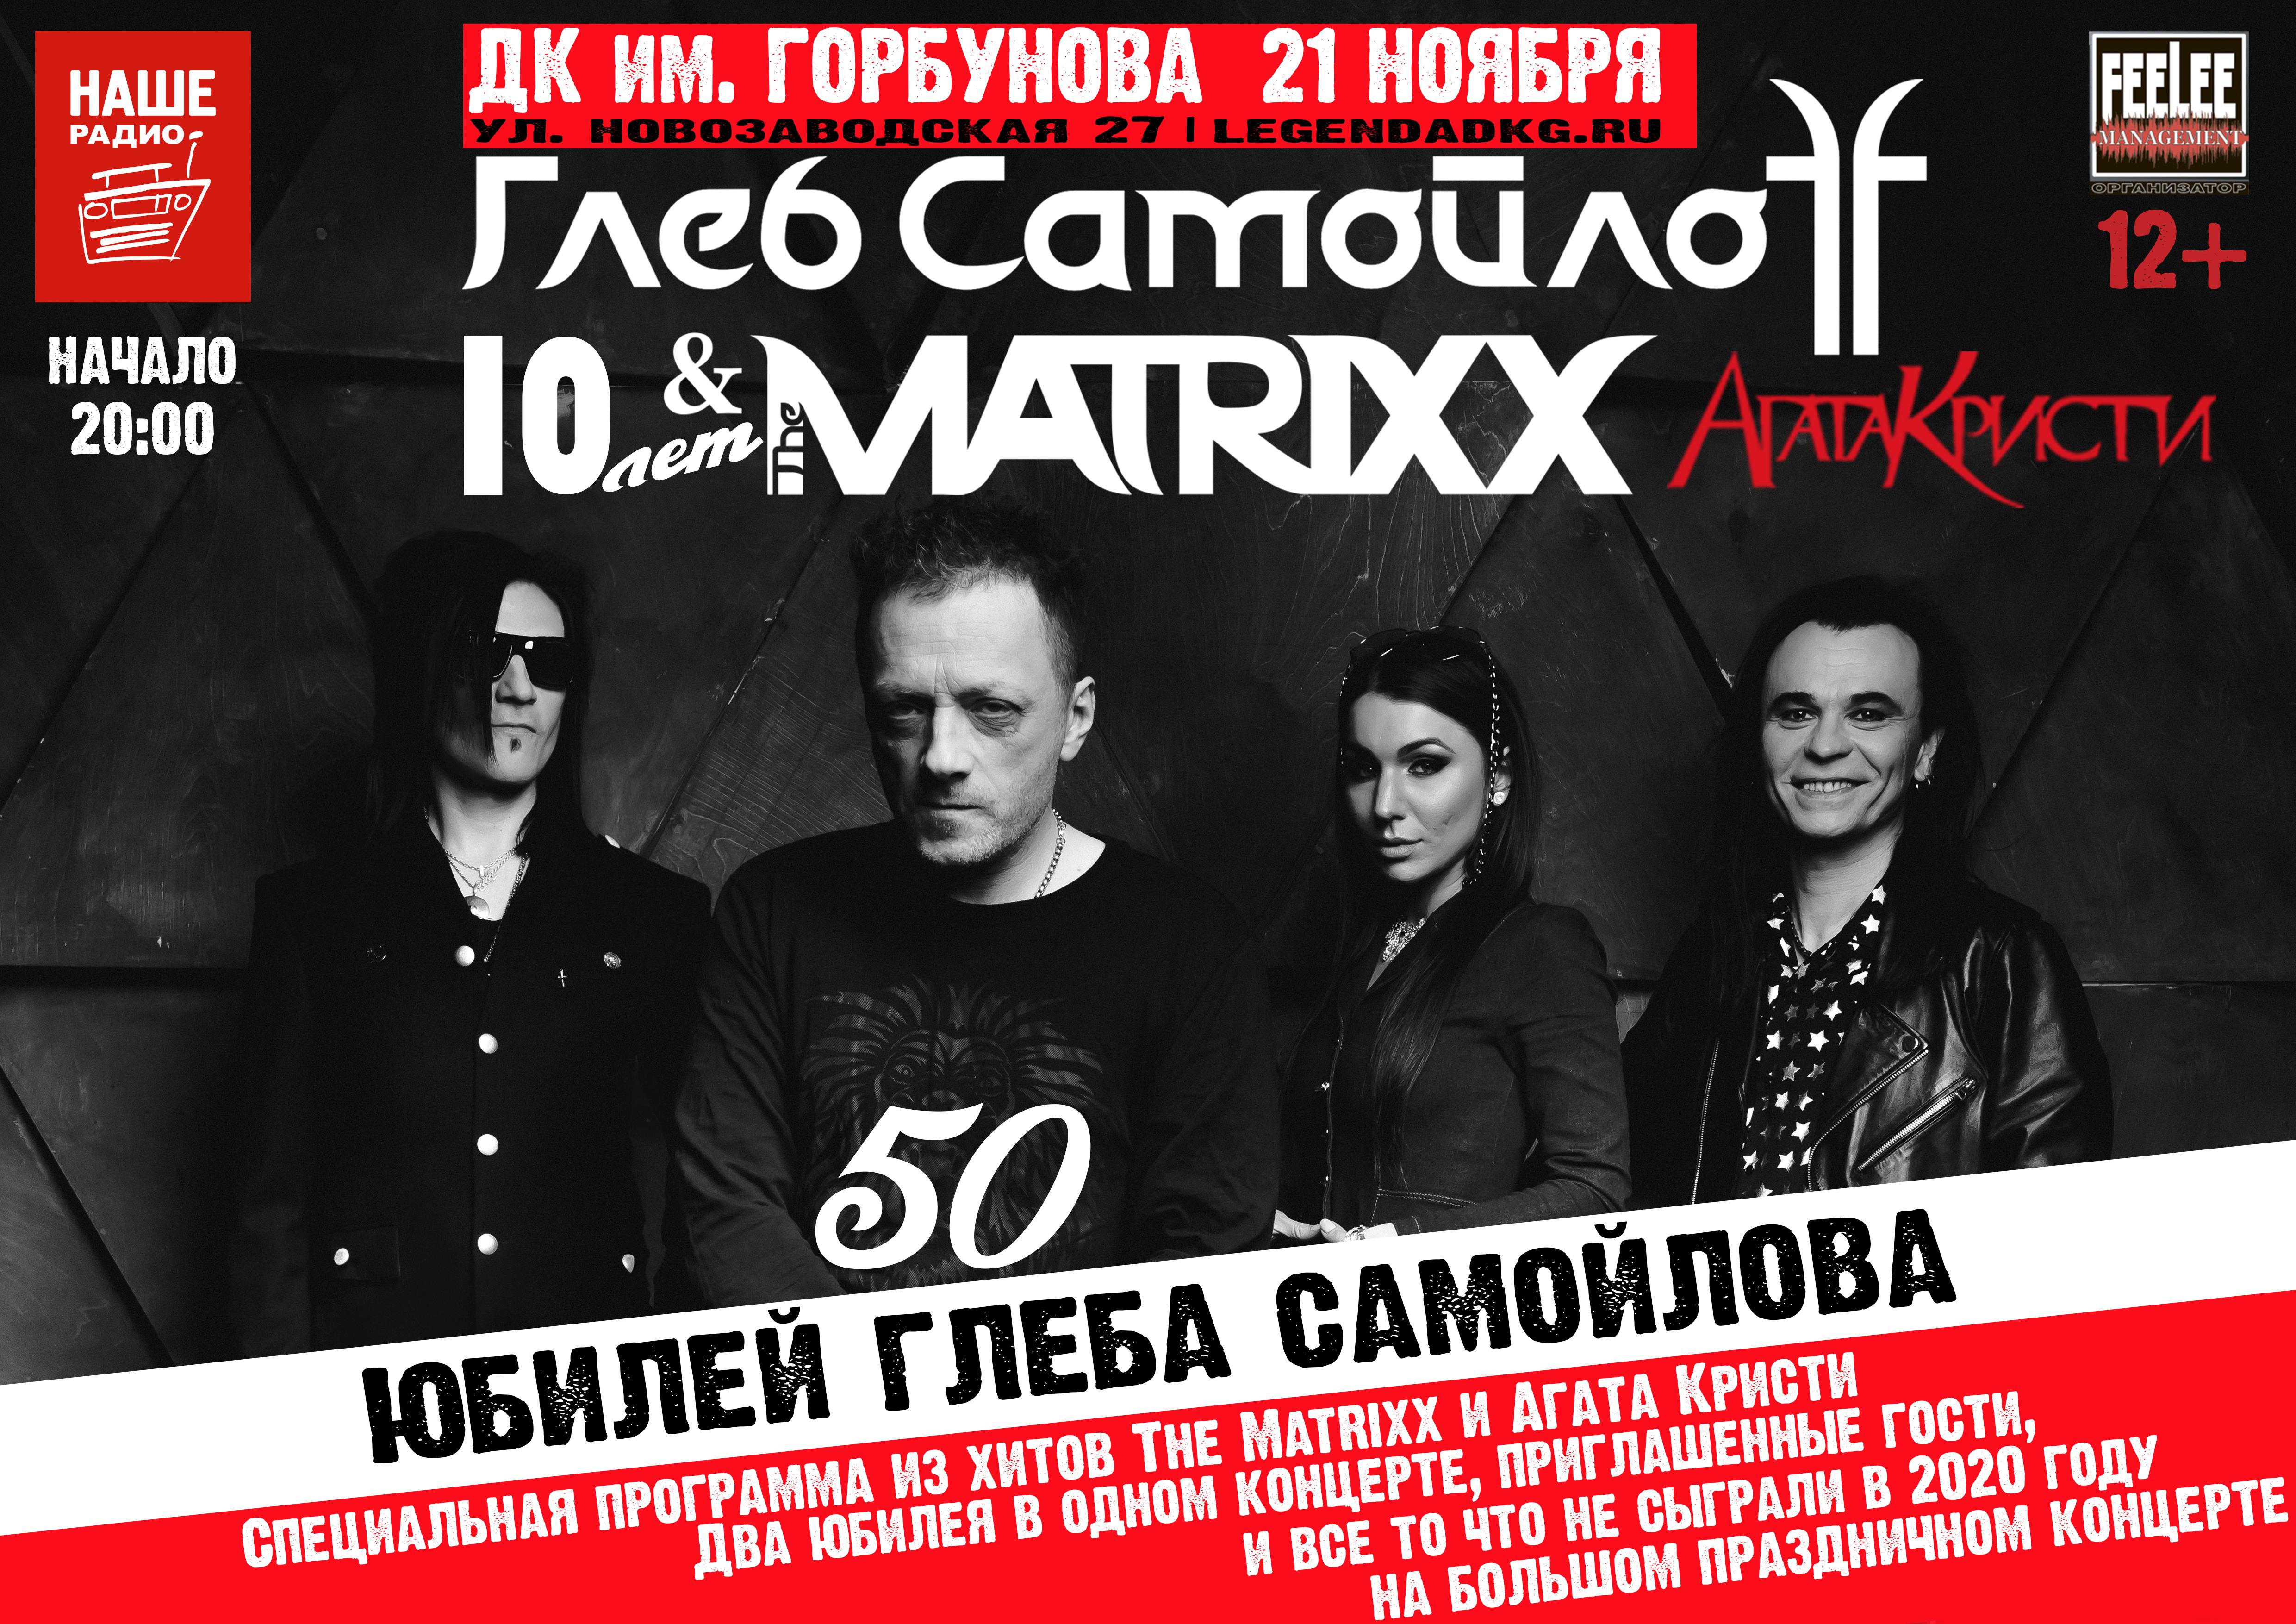 Москва - два Юбилея: 10-летие The MATRIXX и 50-летие Глеба Самойлова @ ДК им. Горбунова | Москва | Россия